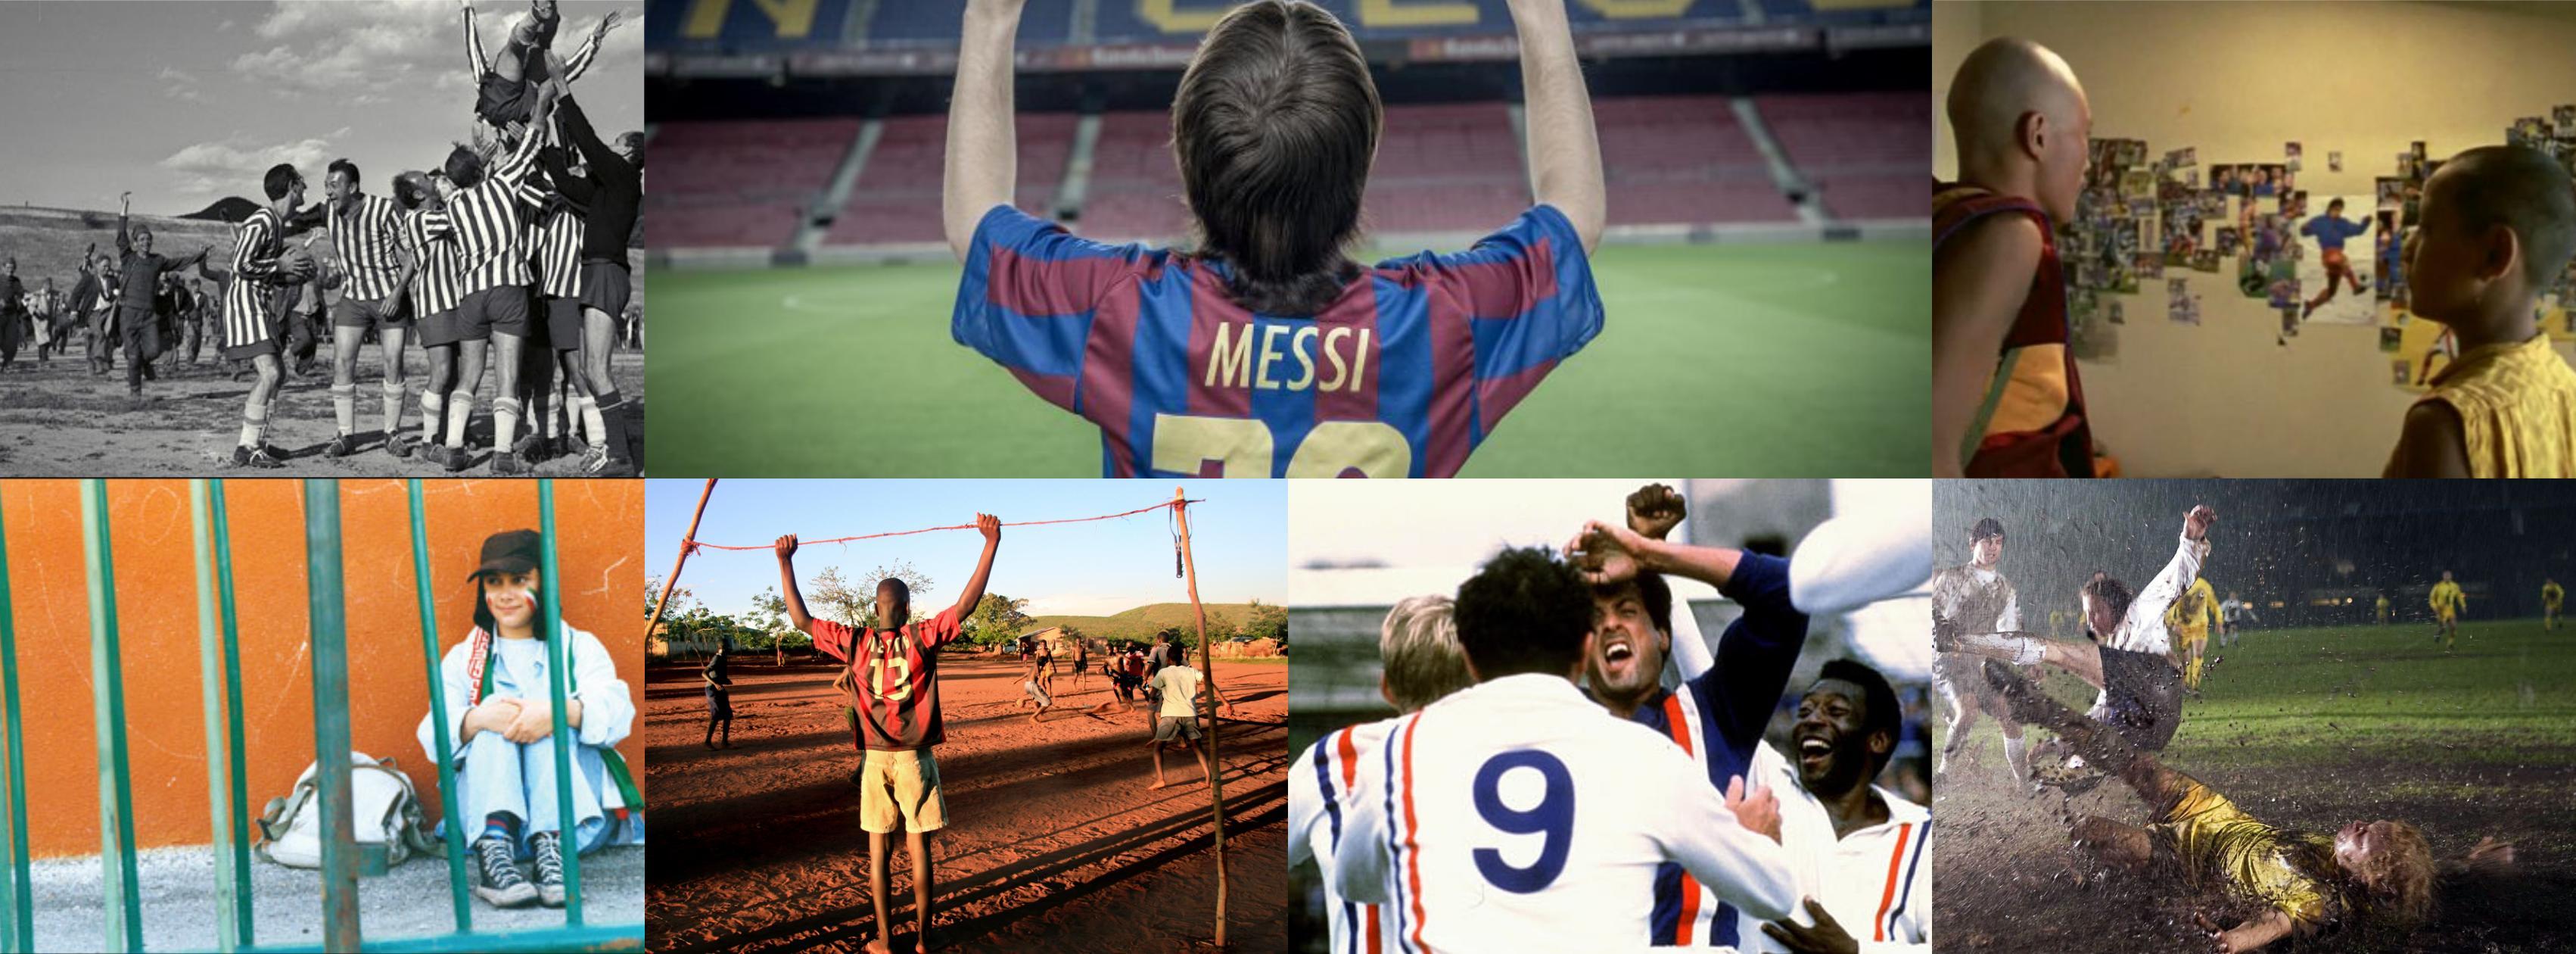 CINE: 7 Películas sobre/con/de fútbol -